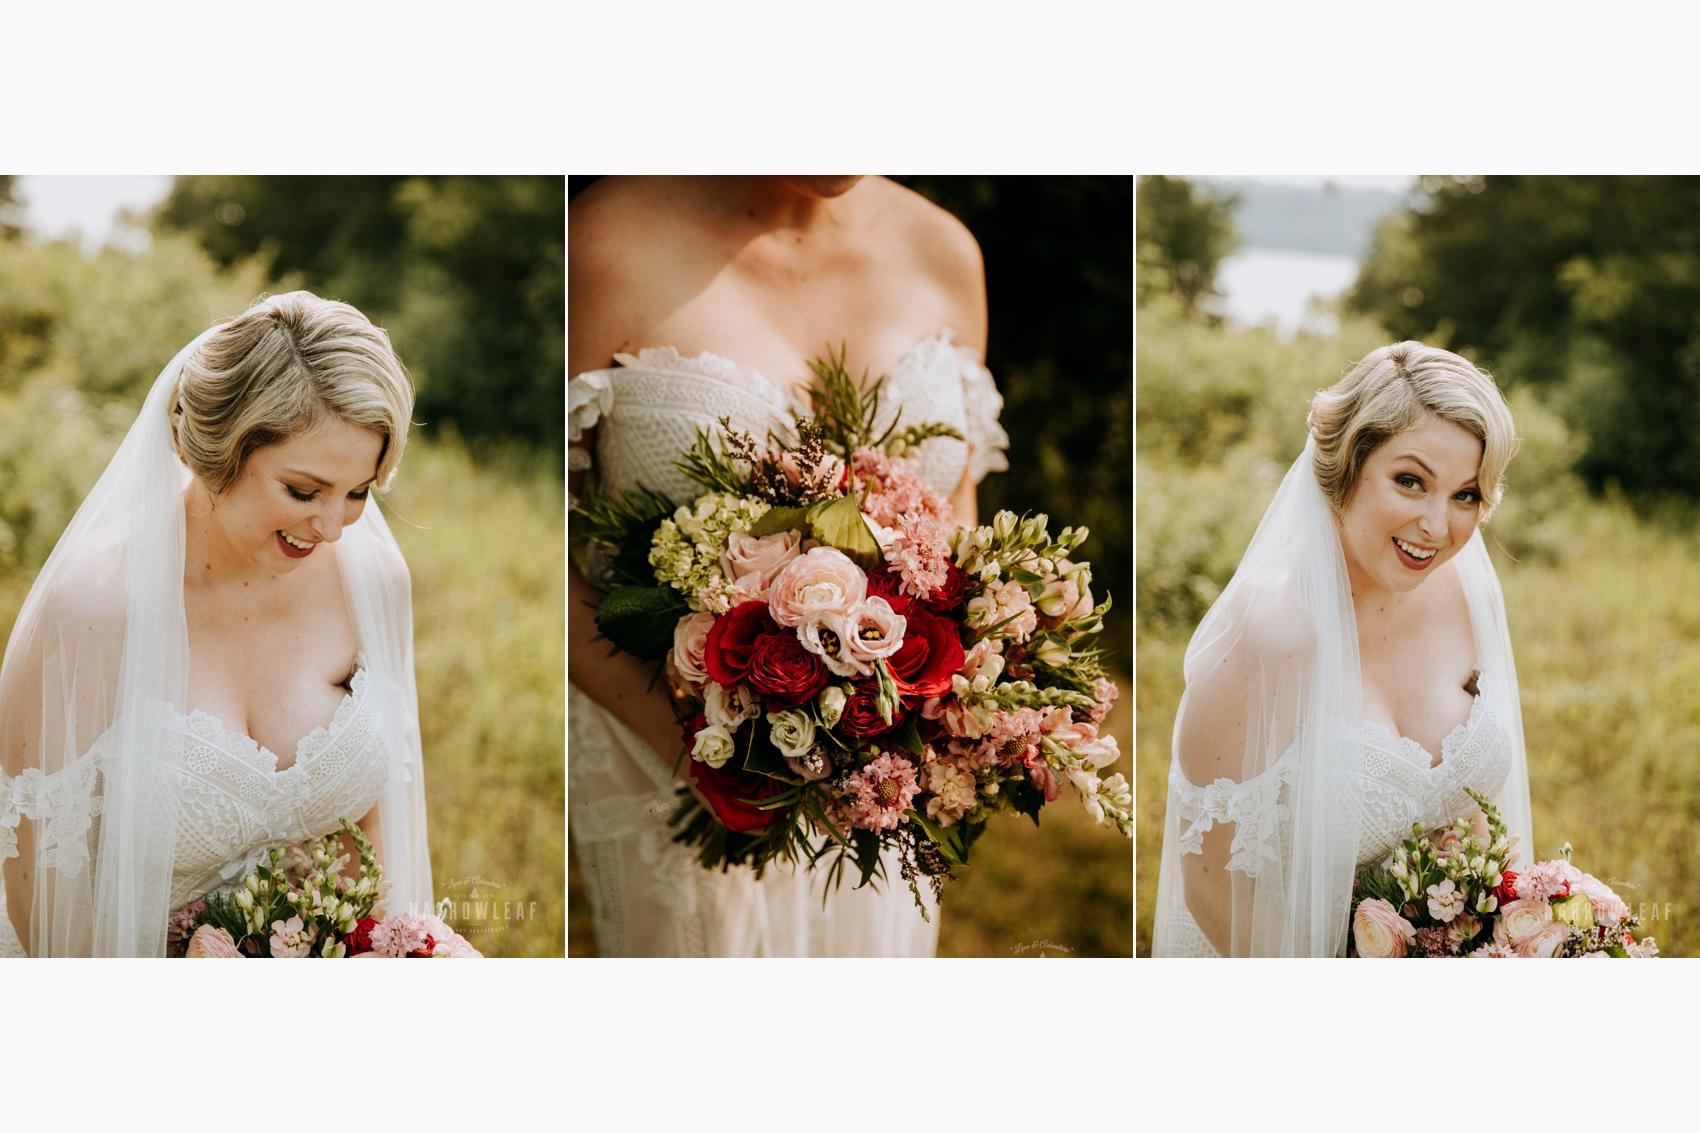 intimate-wisconsin-outdoor-wedding-photographer-019-020.jpg